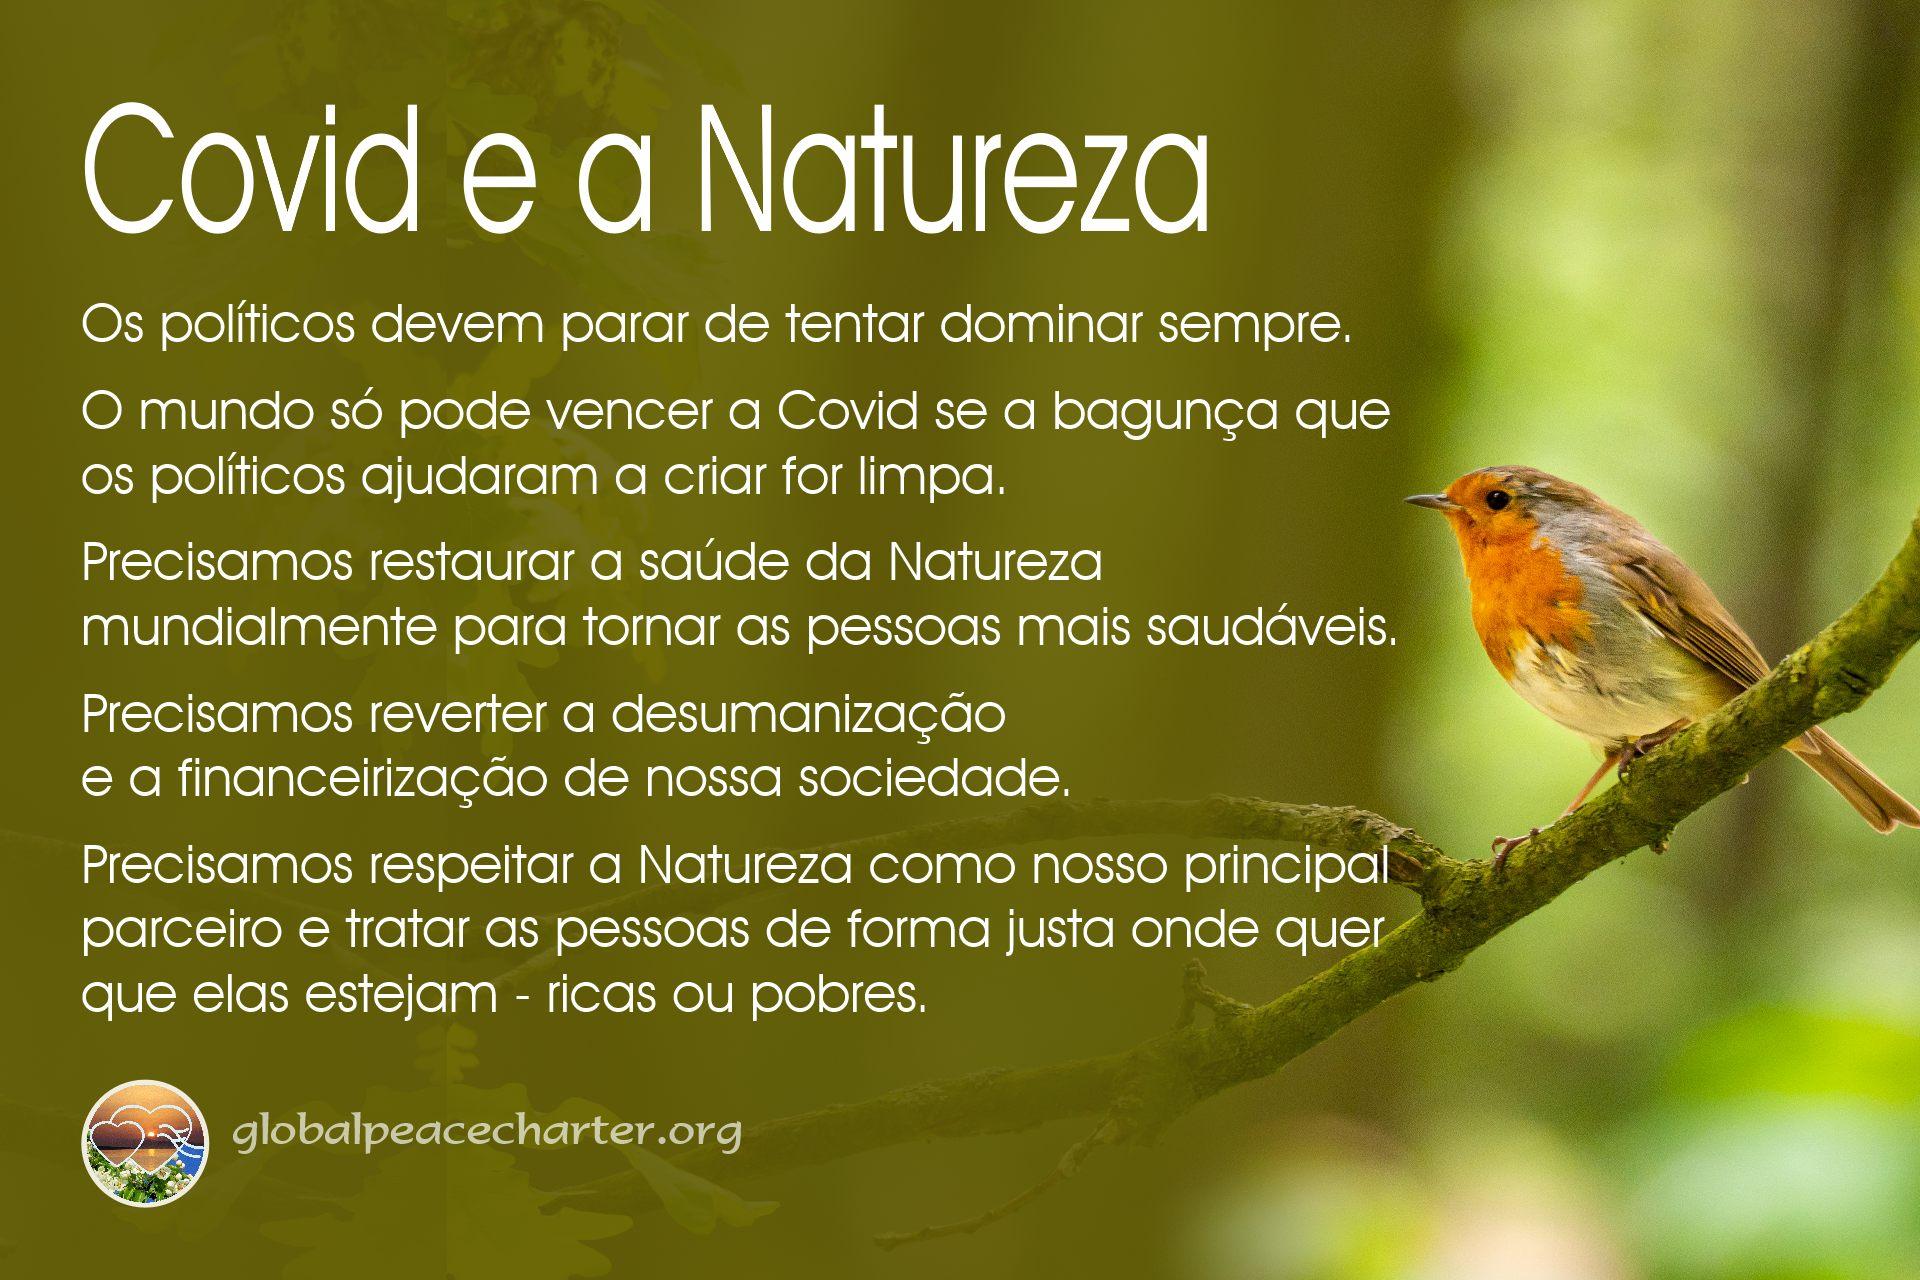 Covid e a Natureza